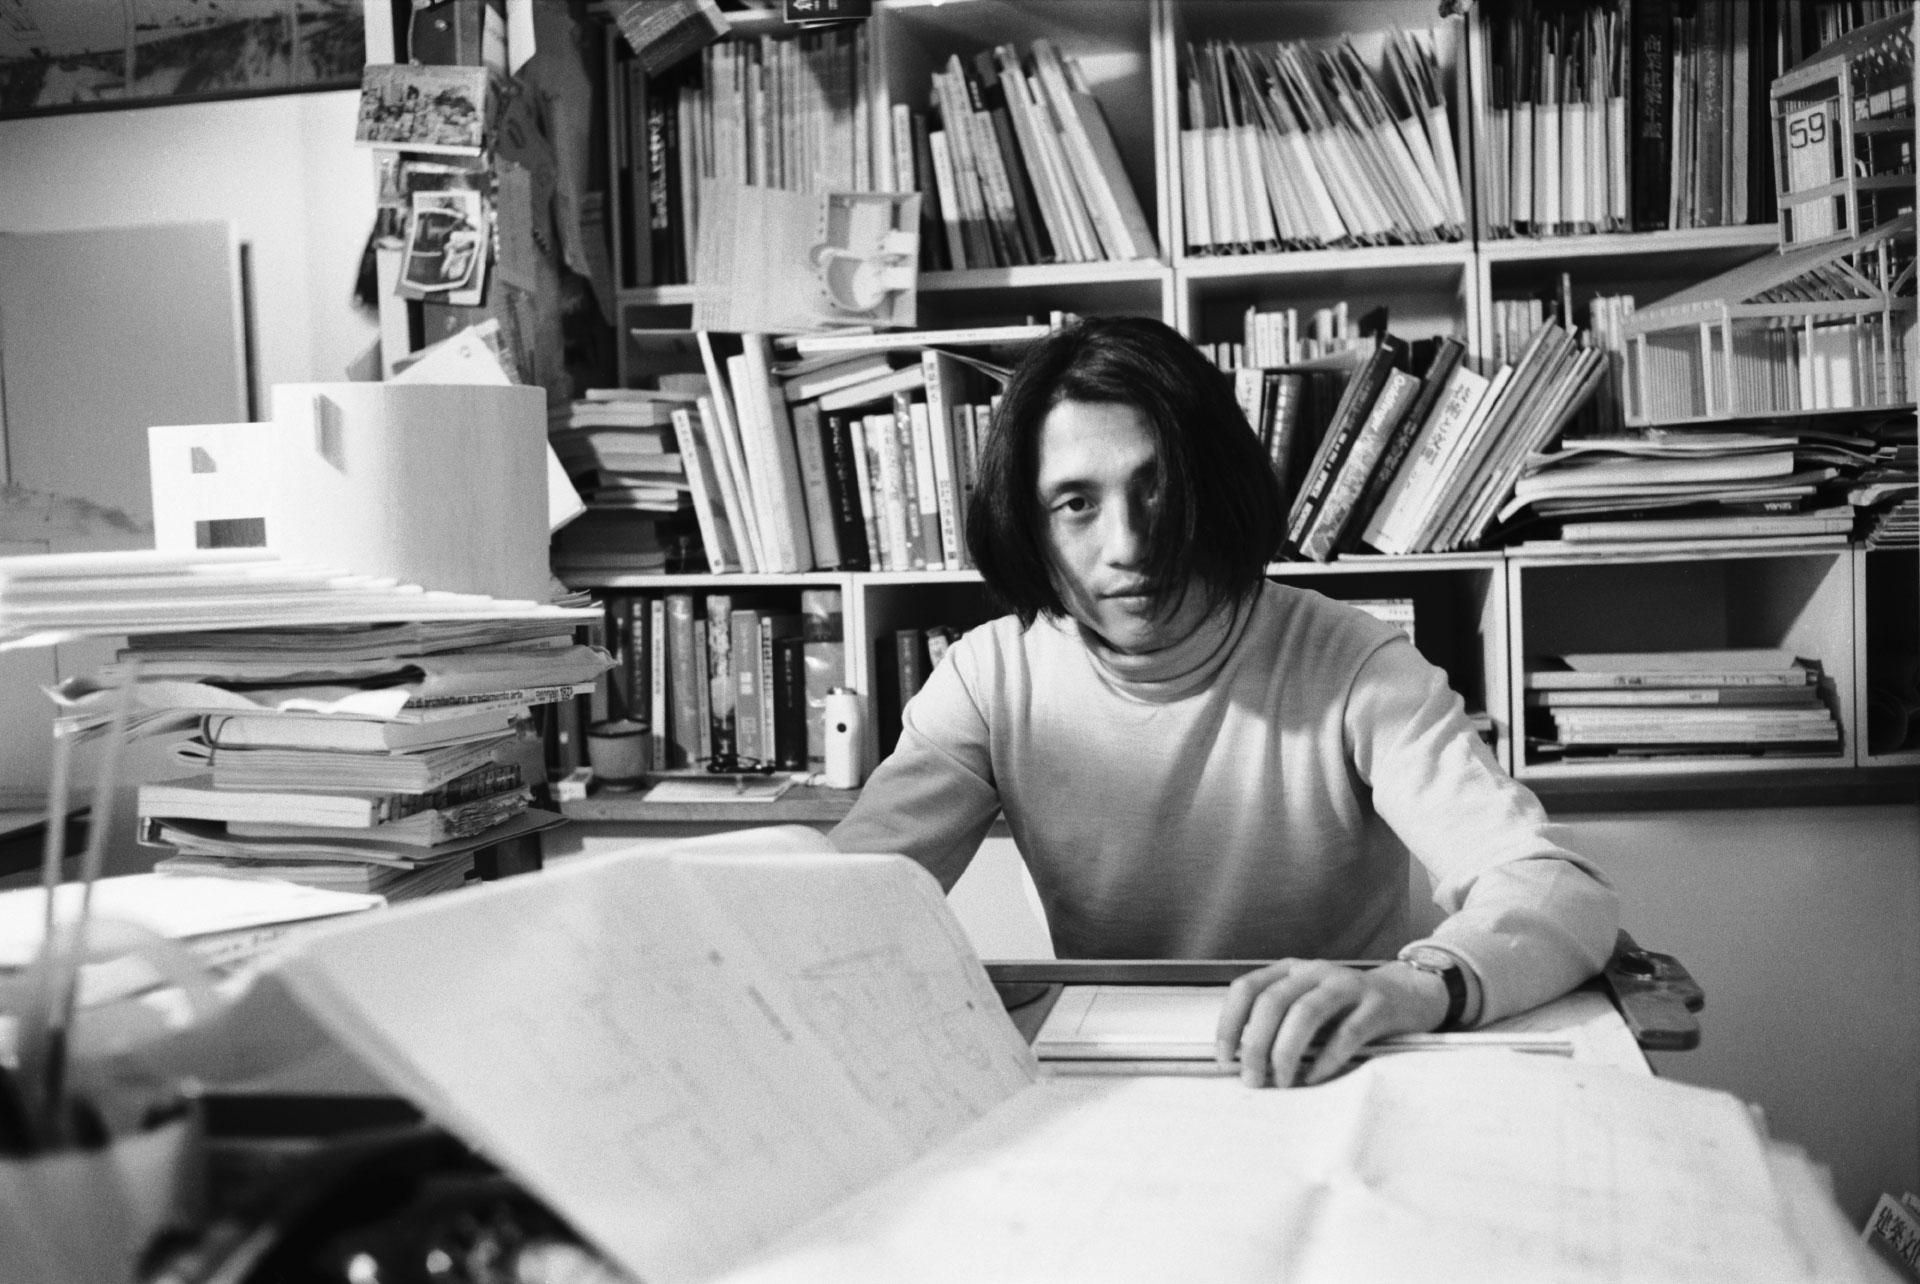 1969年に安藤忠雄建築研究所を設立した28歳当時のポートレート (安藤忠雄建築研究所提供) / A portrait taken in 1969 when, at 28, Tadao Ando established his architectural office.